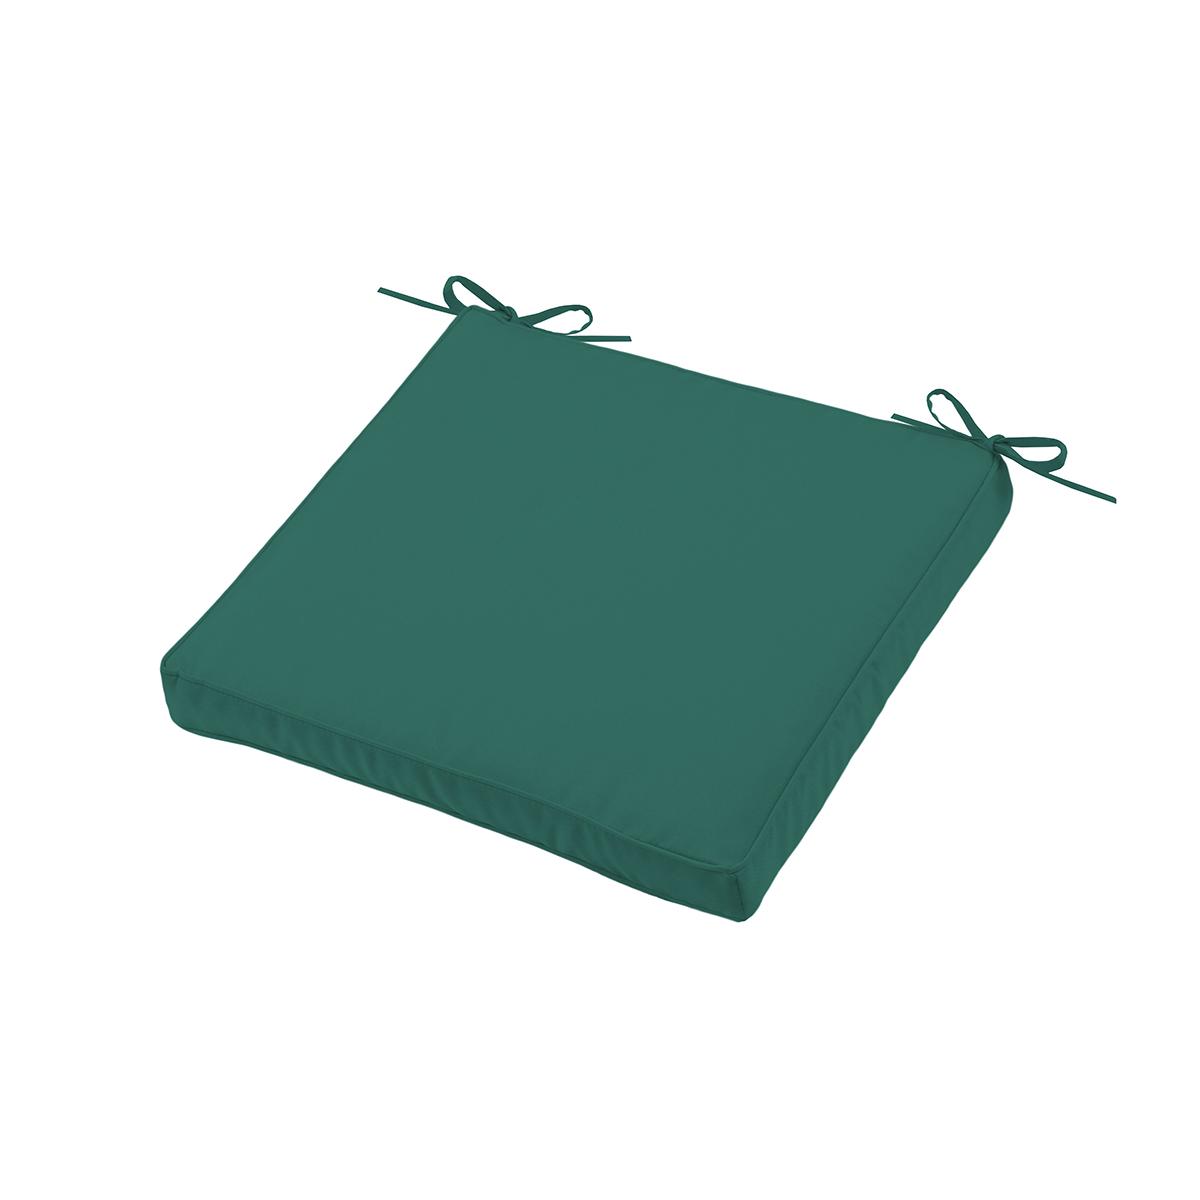 Galette de chaise épaisse outdoor colorée - Vert - 40 x 40 x 5 cm